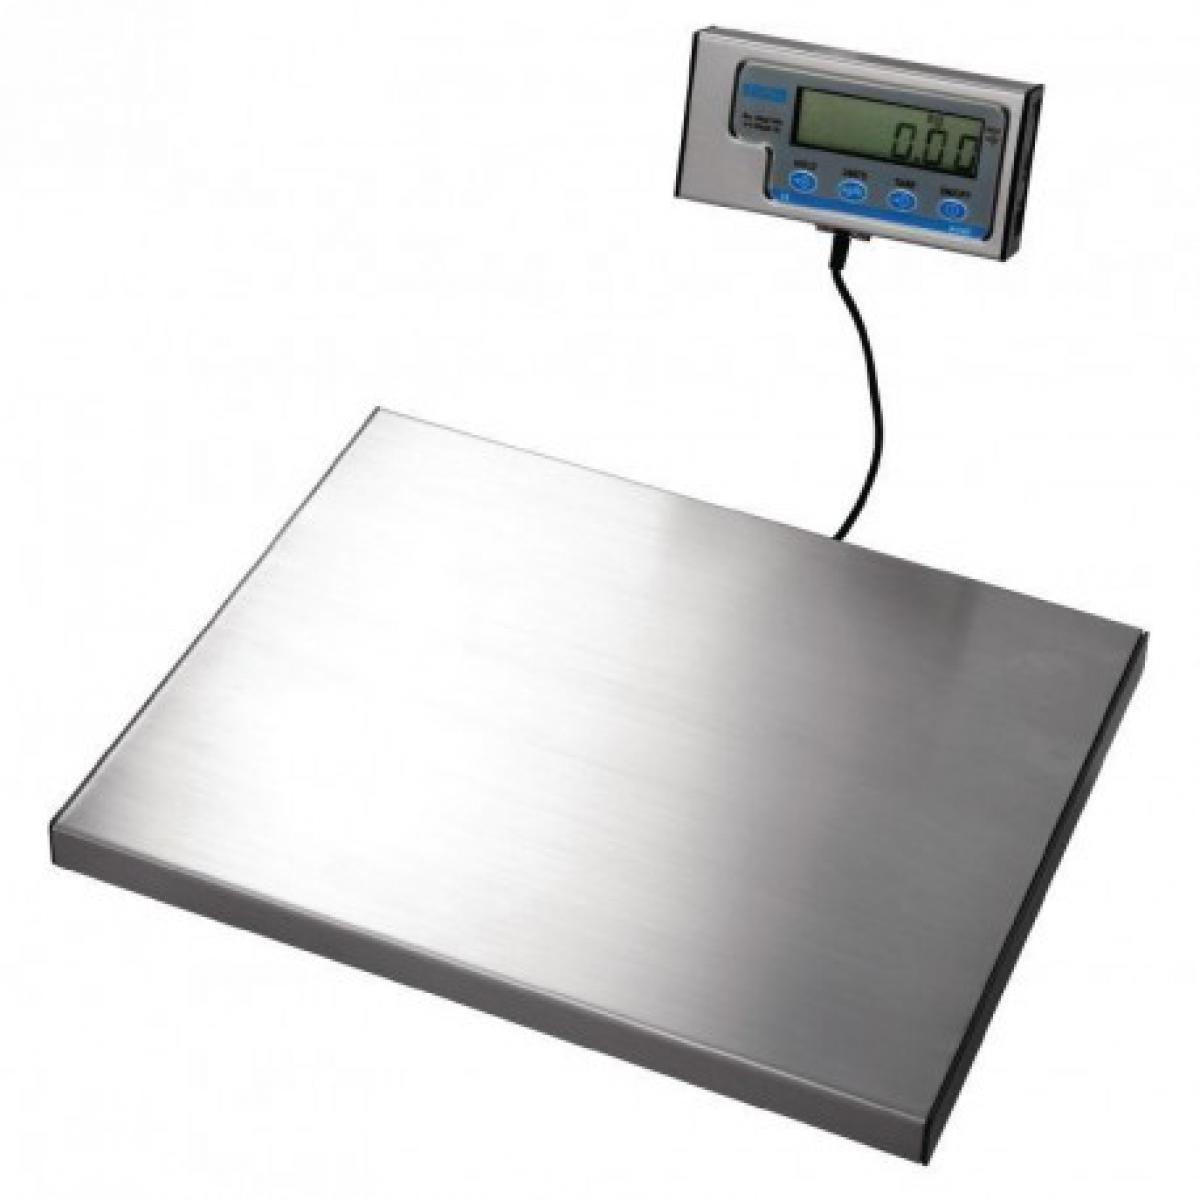 Materiel Chr Pro Balance électronique affichage mural 120 Kg - Inox 120 kg